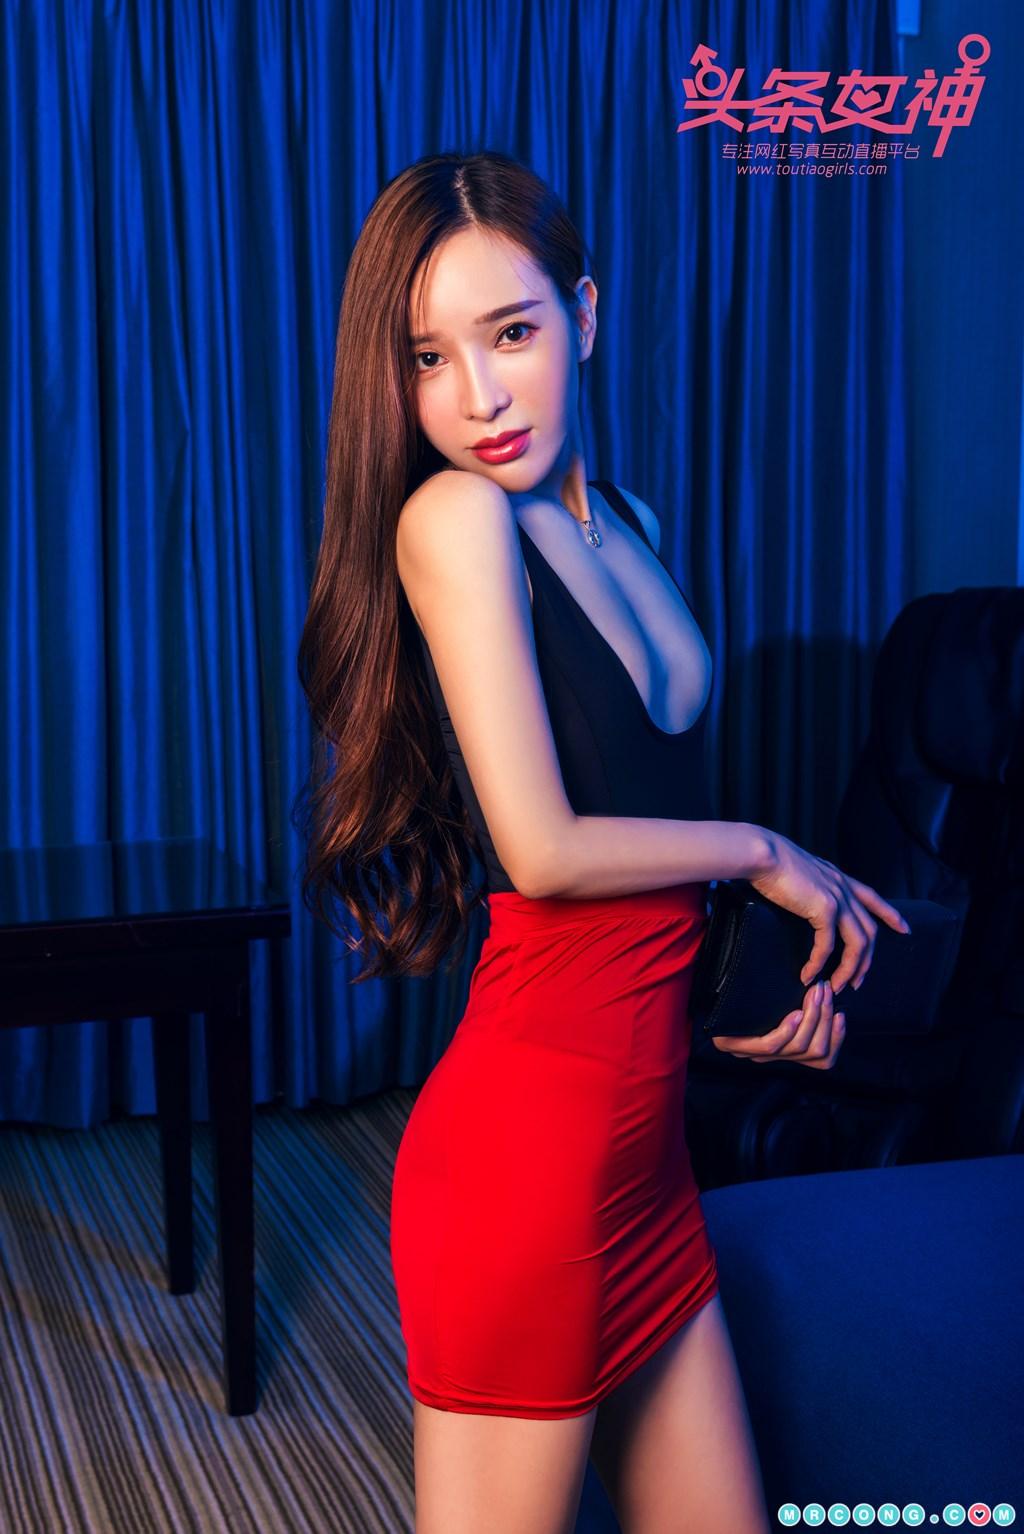 Image TouTiao-2017-12-16-Ai-Xiao-Qing-MrCong.com-003 in post TouTiao 2017-12-16: Người mẫu Ai Xiao Qing (艾小青) (32 ảnh)